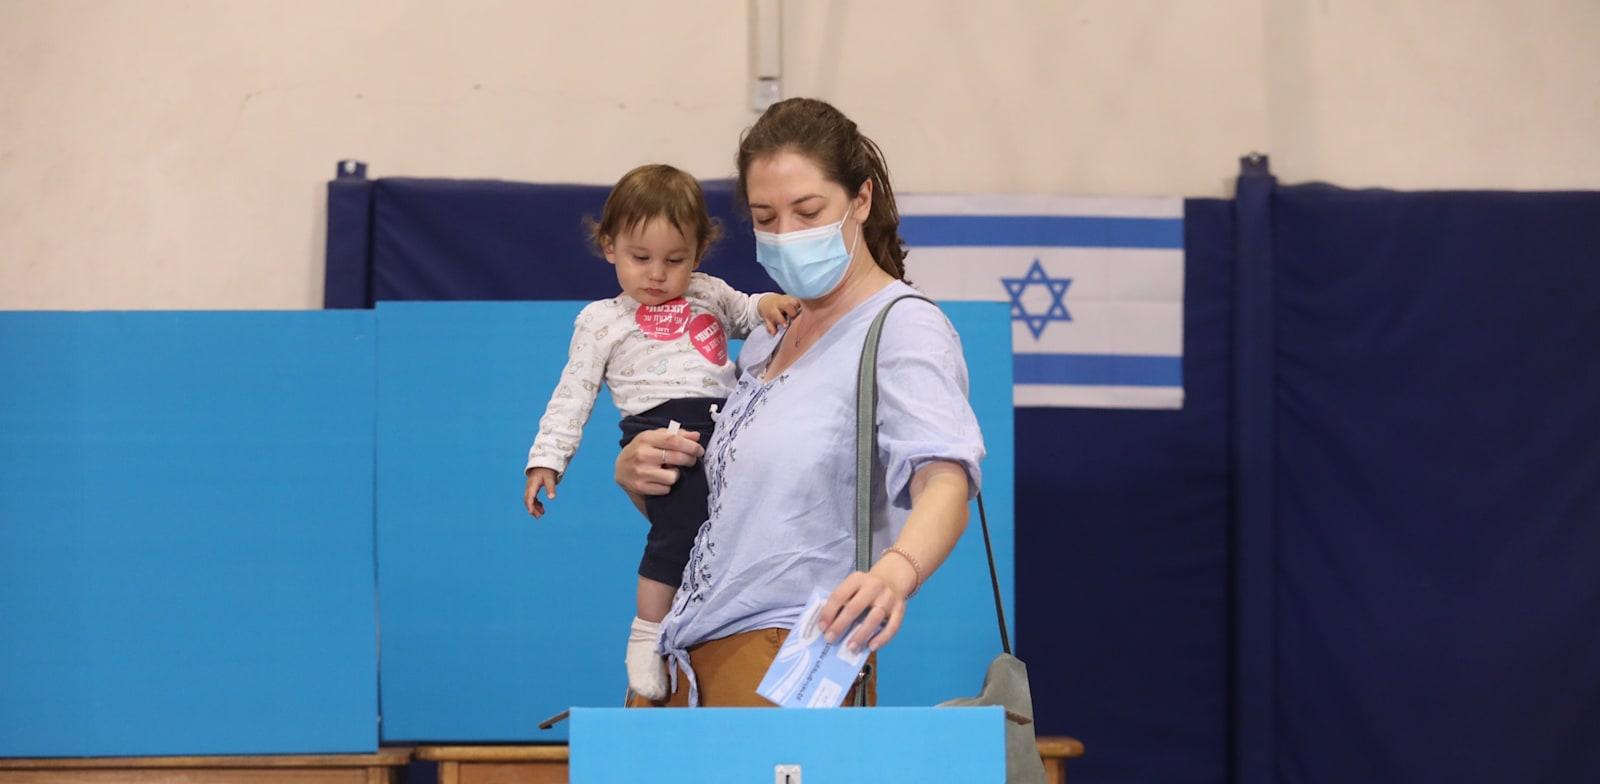 מצביעים בבחירות 2021. פעם רביעית בתוך שנתיים / צילום: מארק ישראל סלם - הארץ